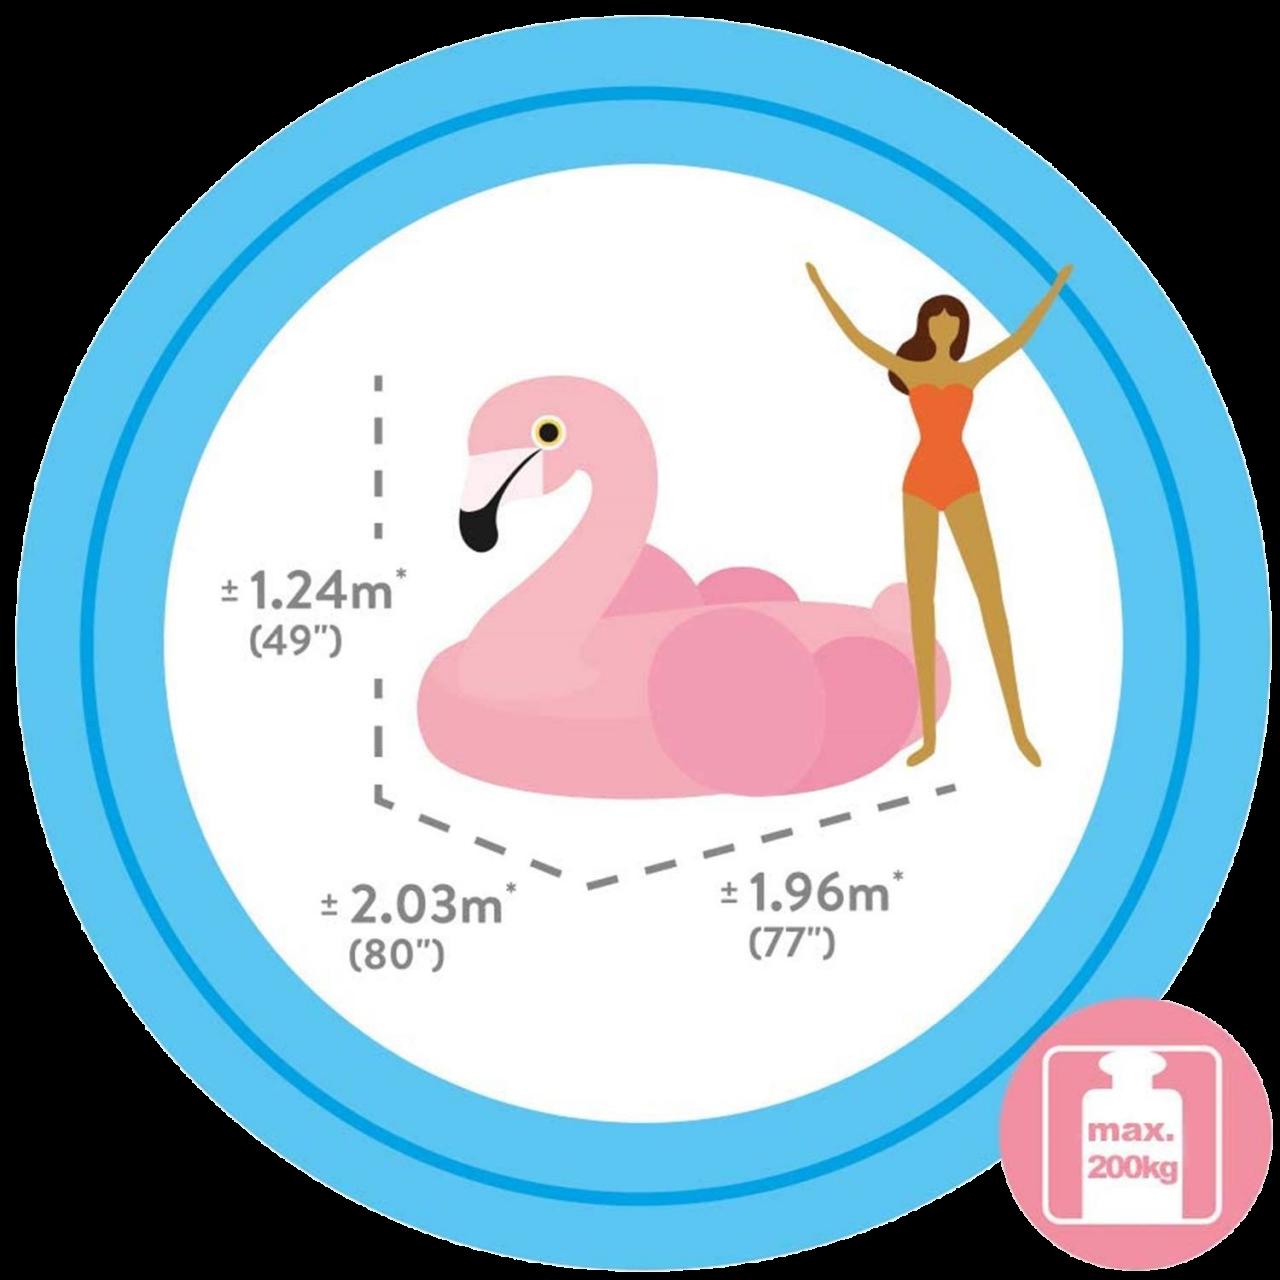 Intex Flamingo Badeinsel Schwimmliege Luftmatratze Liege 203x196x124 cm 57288